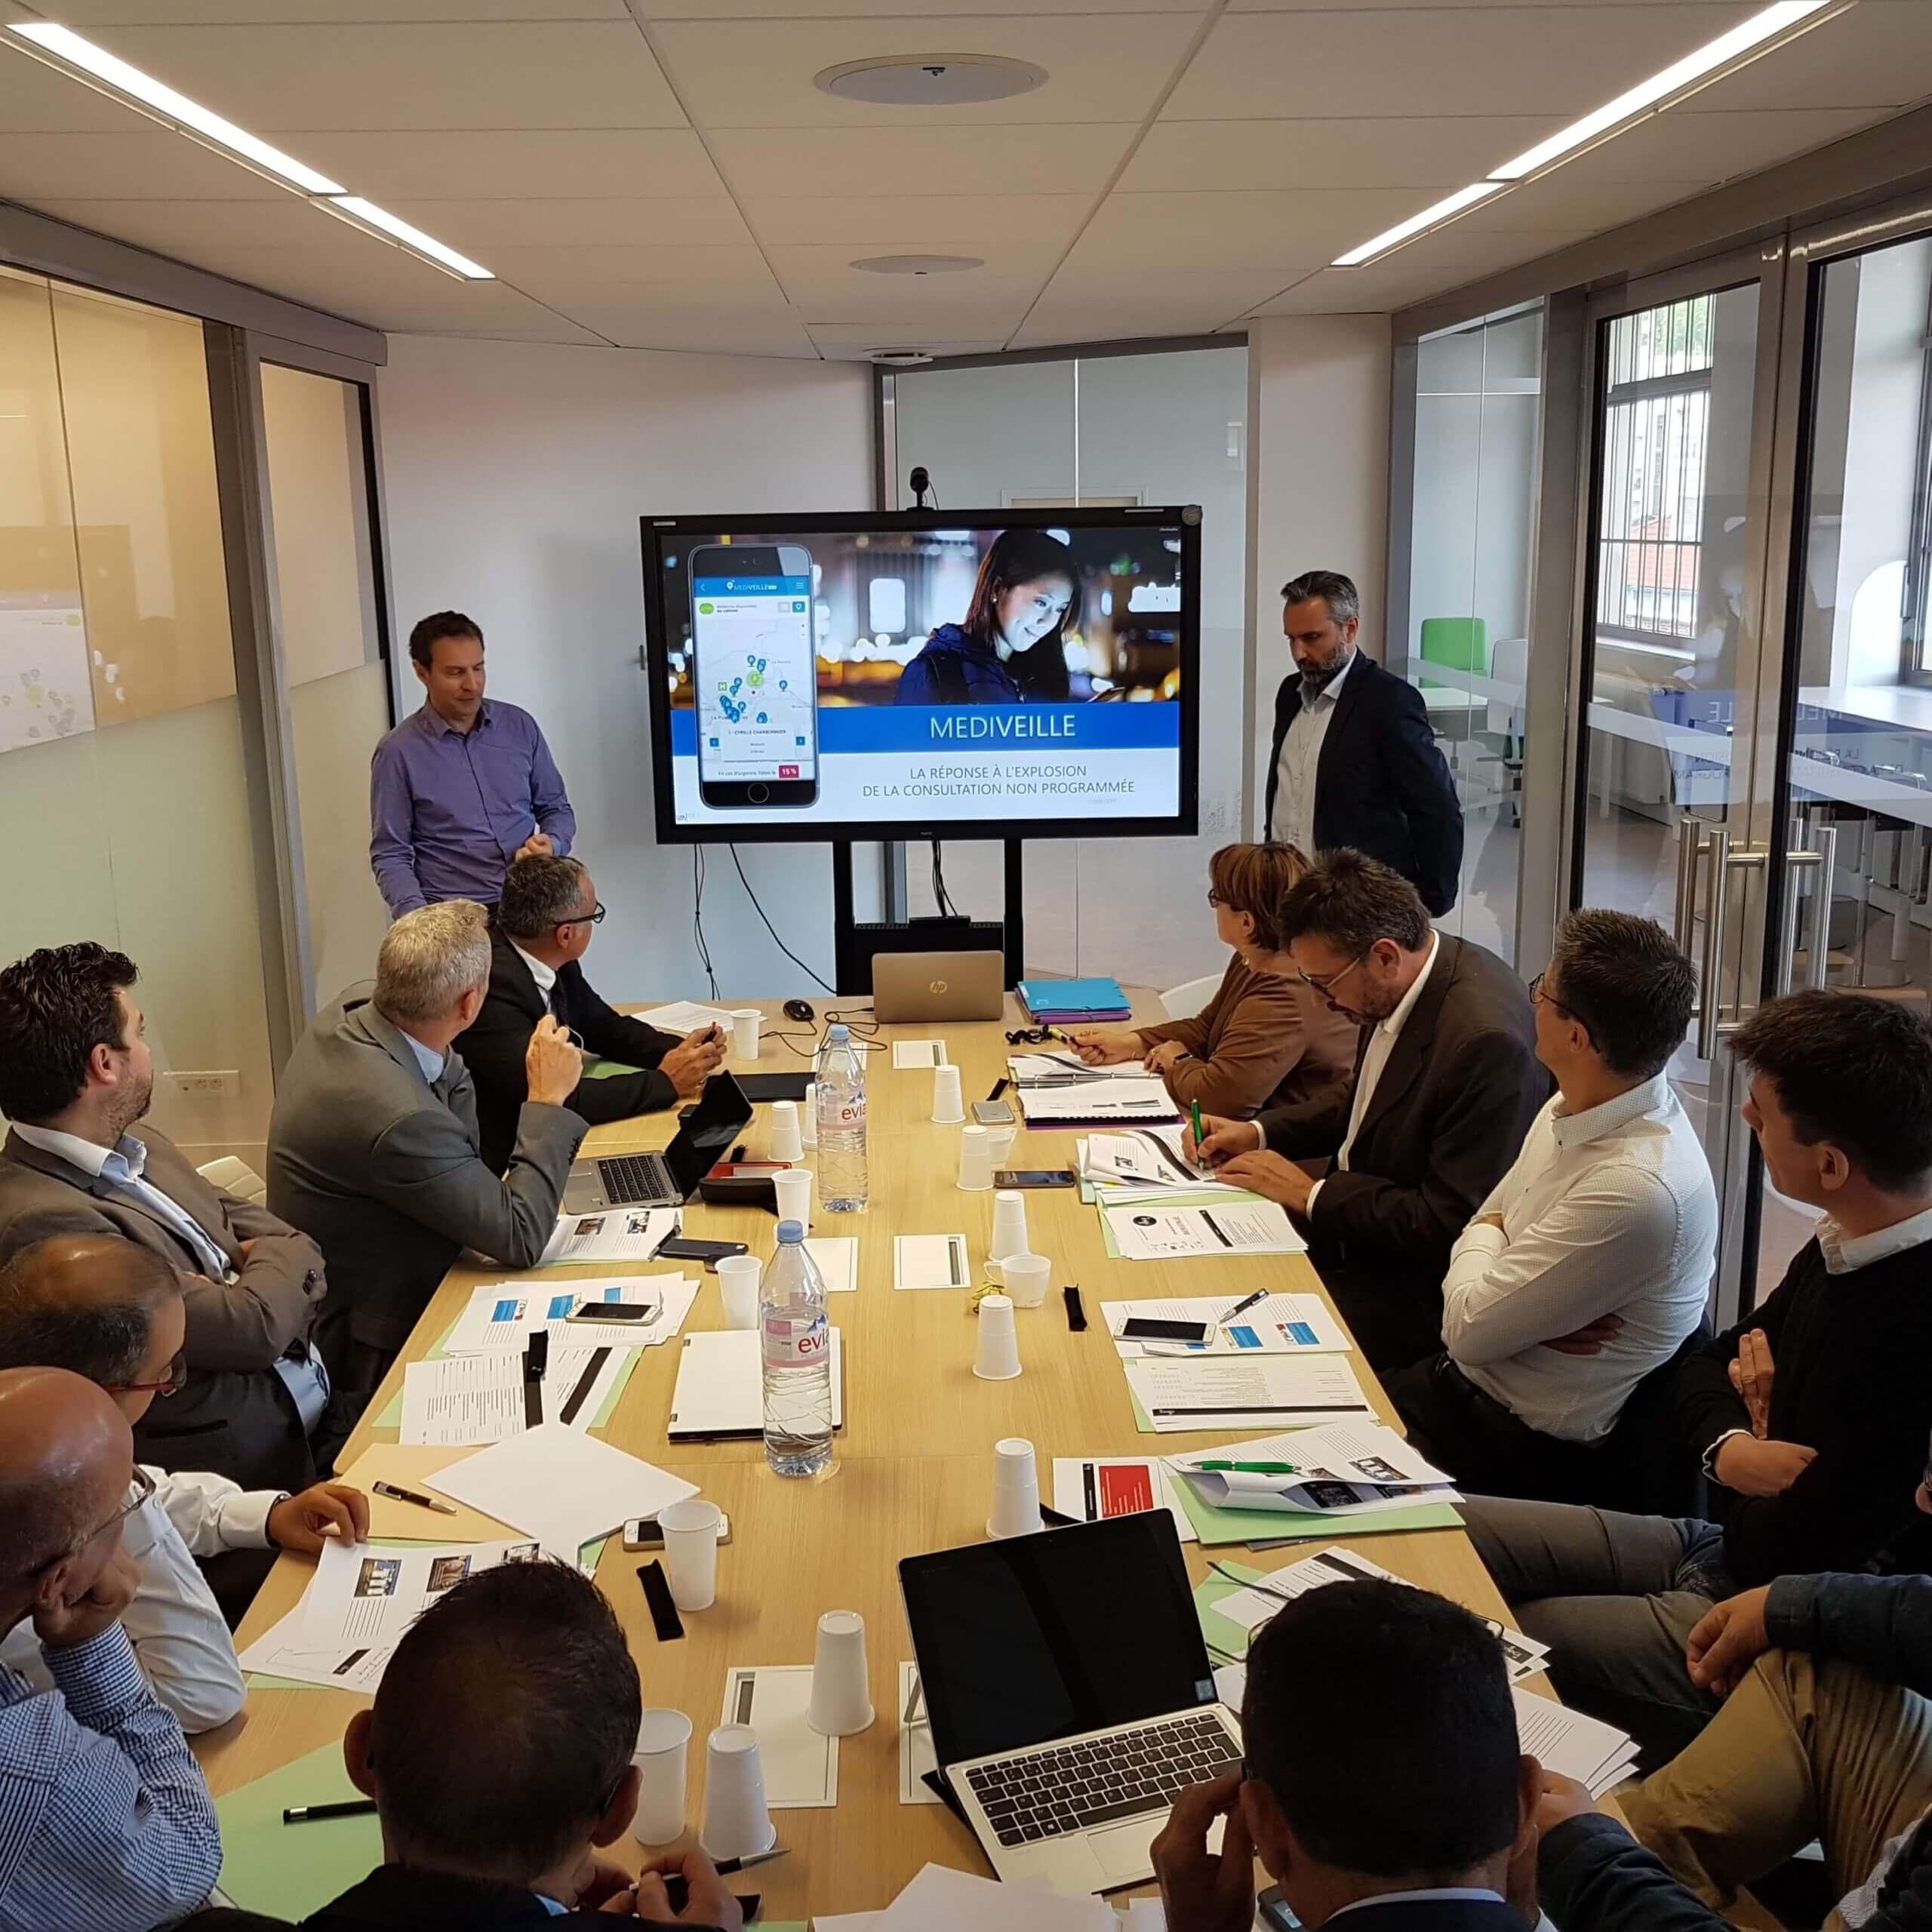 Locam signe un partenariat avec la fondation pour l'innovation